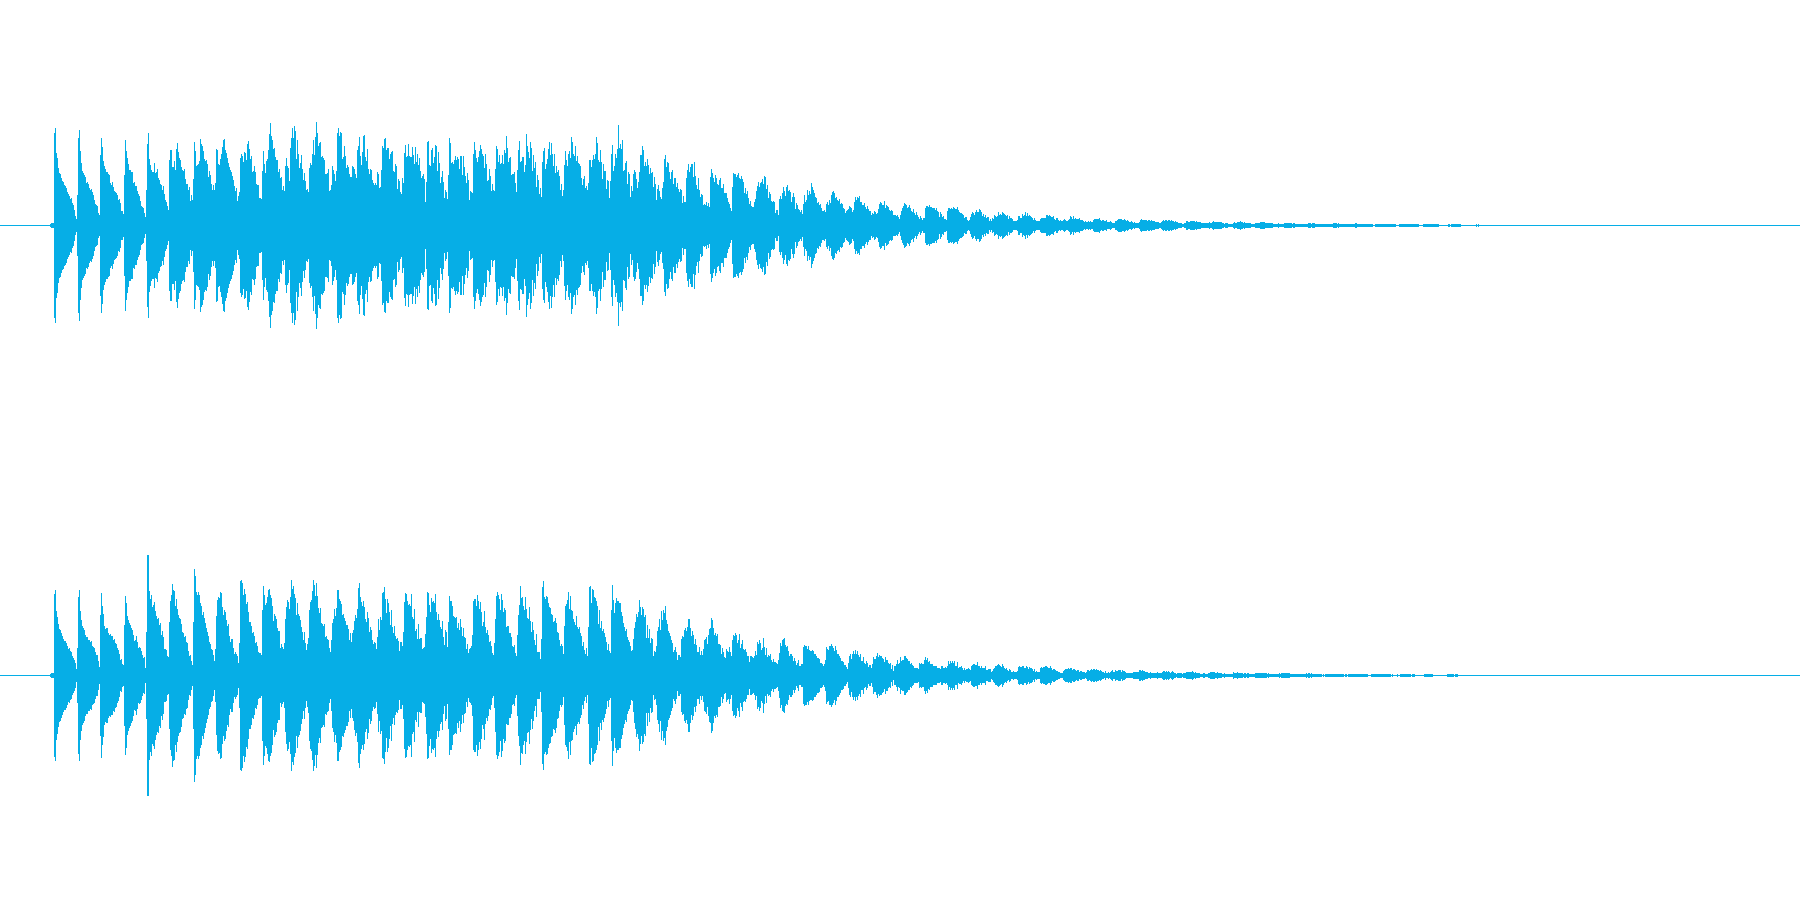 ピロロロロ(未来的な音)の再生済みの波形